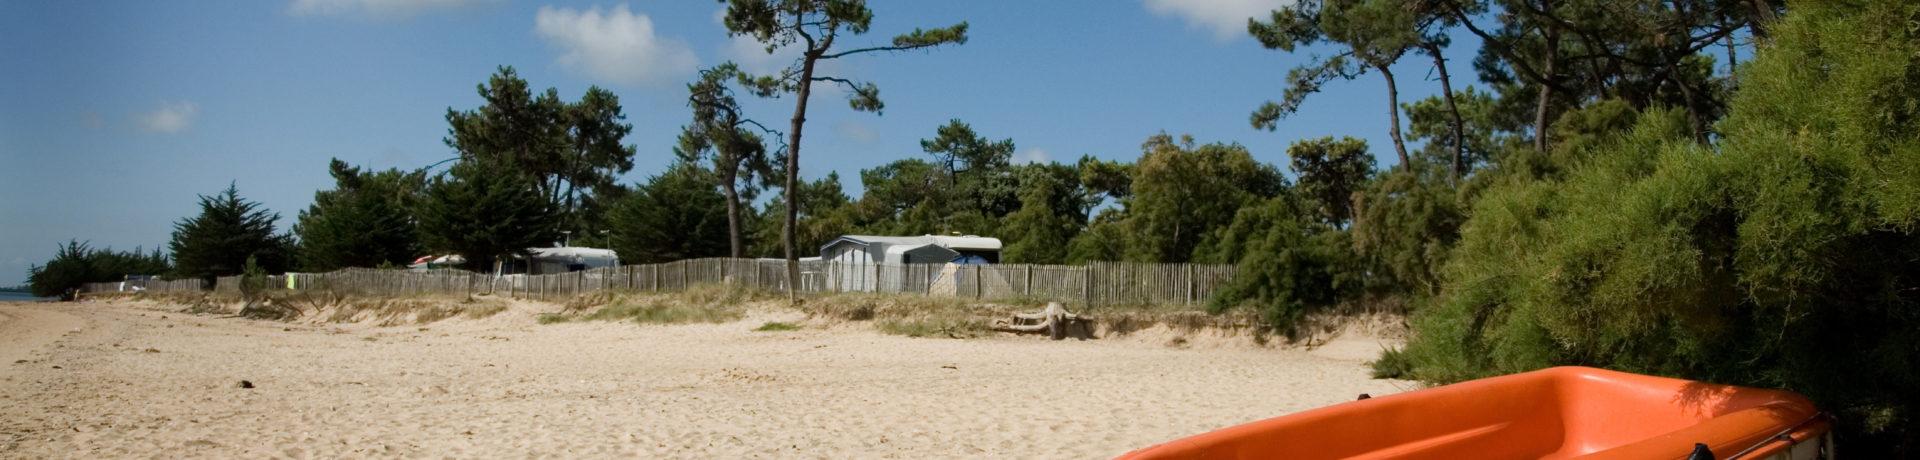 Camping Huttopia Noirmoutier op Noirmoutier-en-l'Ile is een sfeervolle eilandcamping op het eiland Île de Noirmoutier in het departement Vendée.